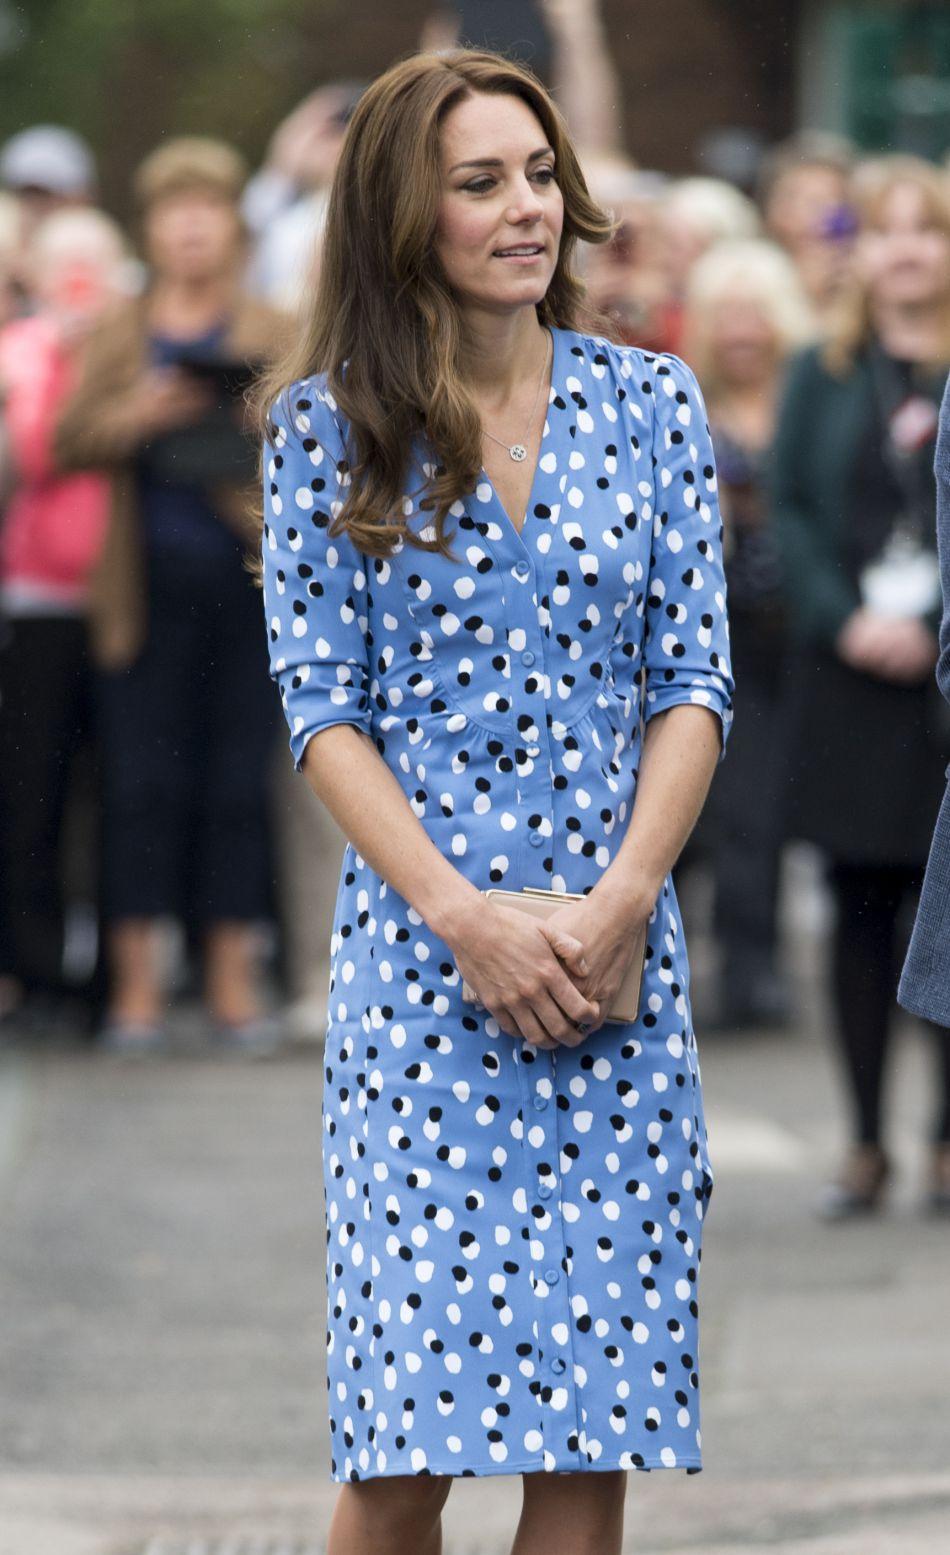 Alors qu'hier, 15 septembre, Kate Middleton n'accompagnait pas son mari à la Caius House de Londres, aujourd'hui, elle était de la partie à la Stewards Academy.